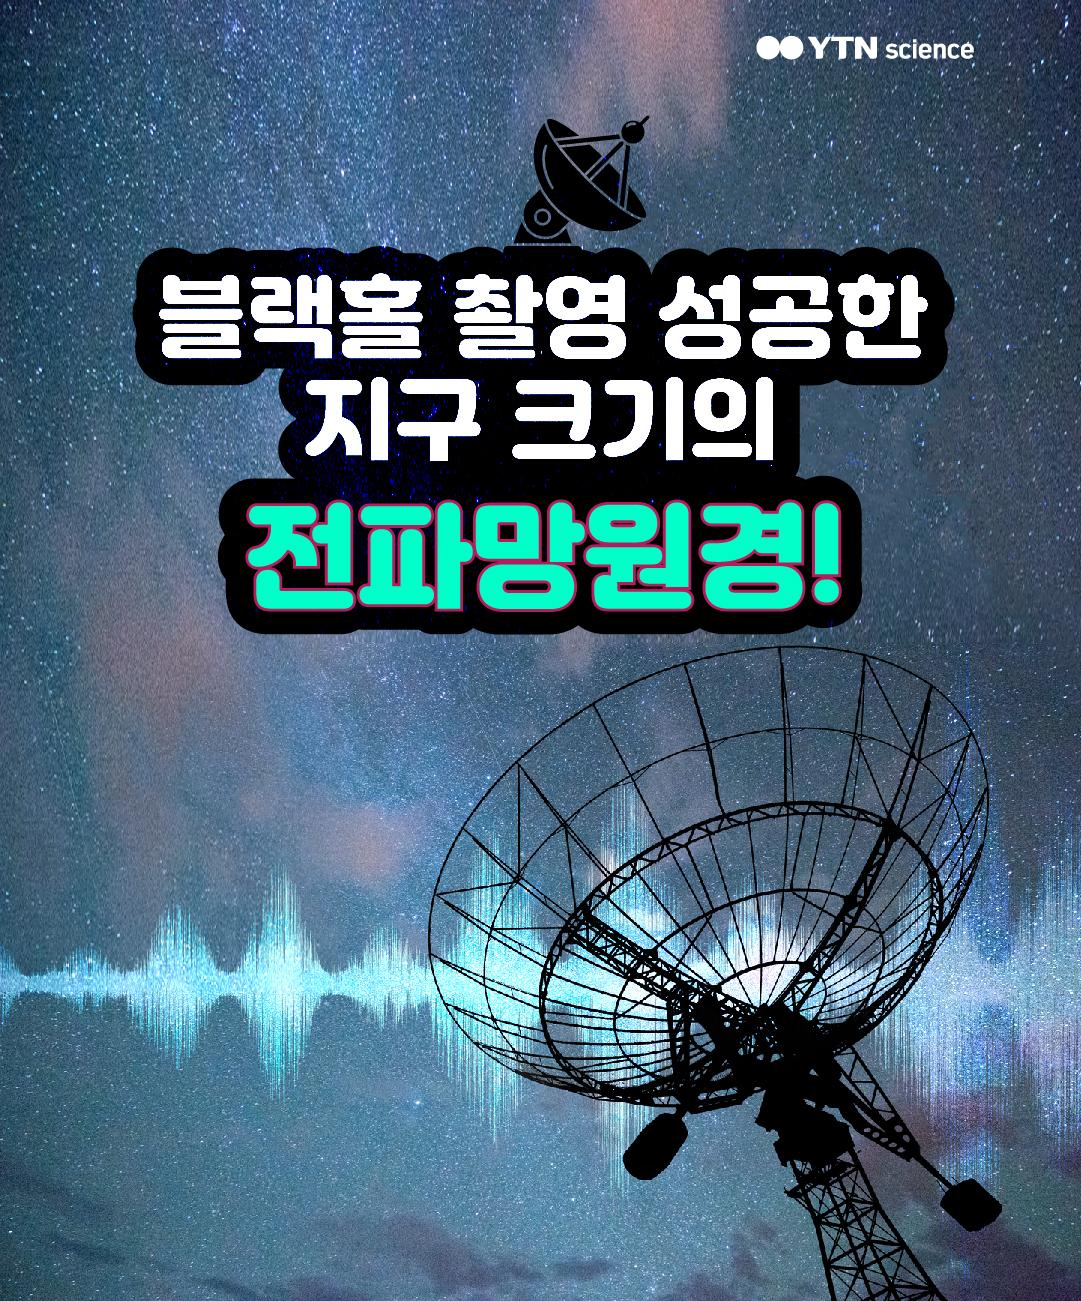 블랙홀 촬영 성공한 지구 크기의 전파망원경! 이미지